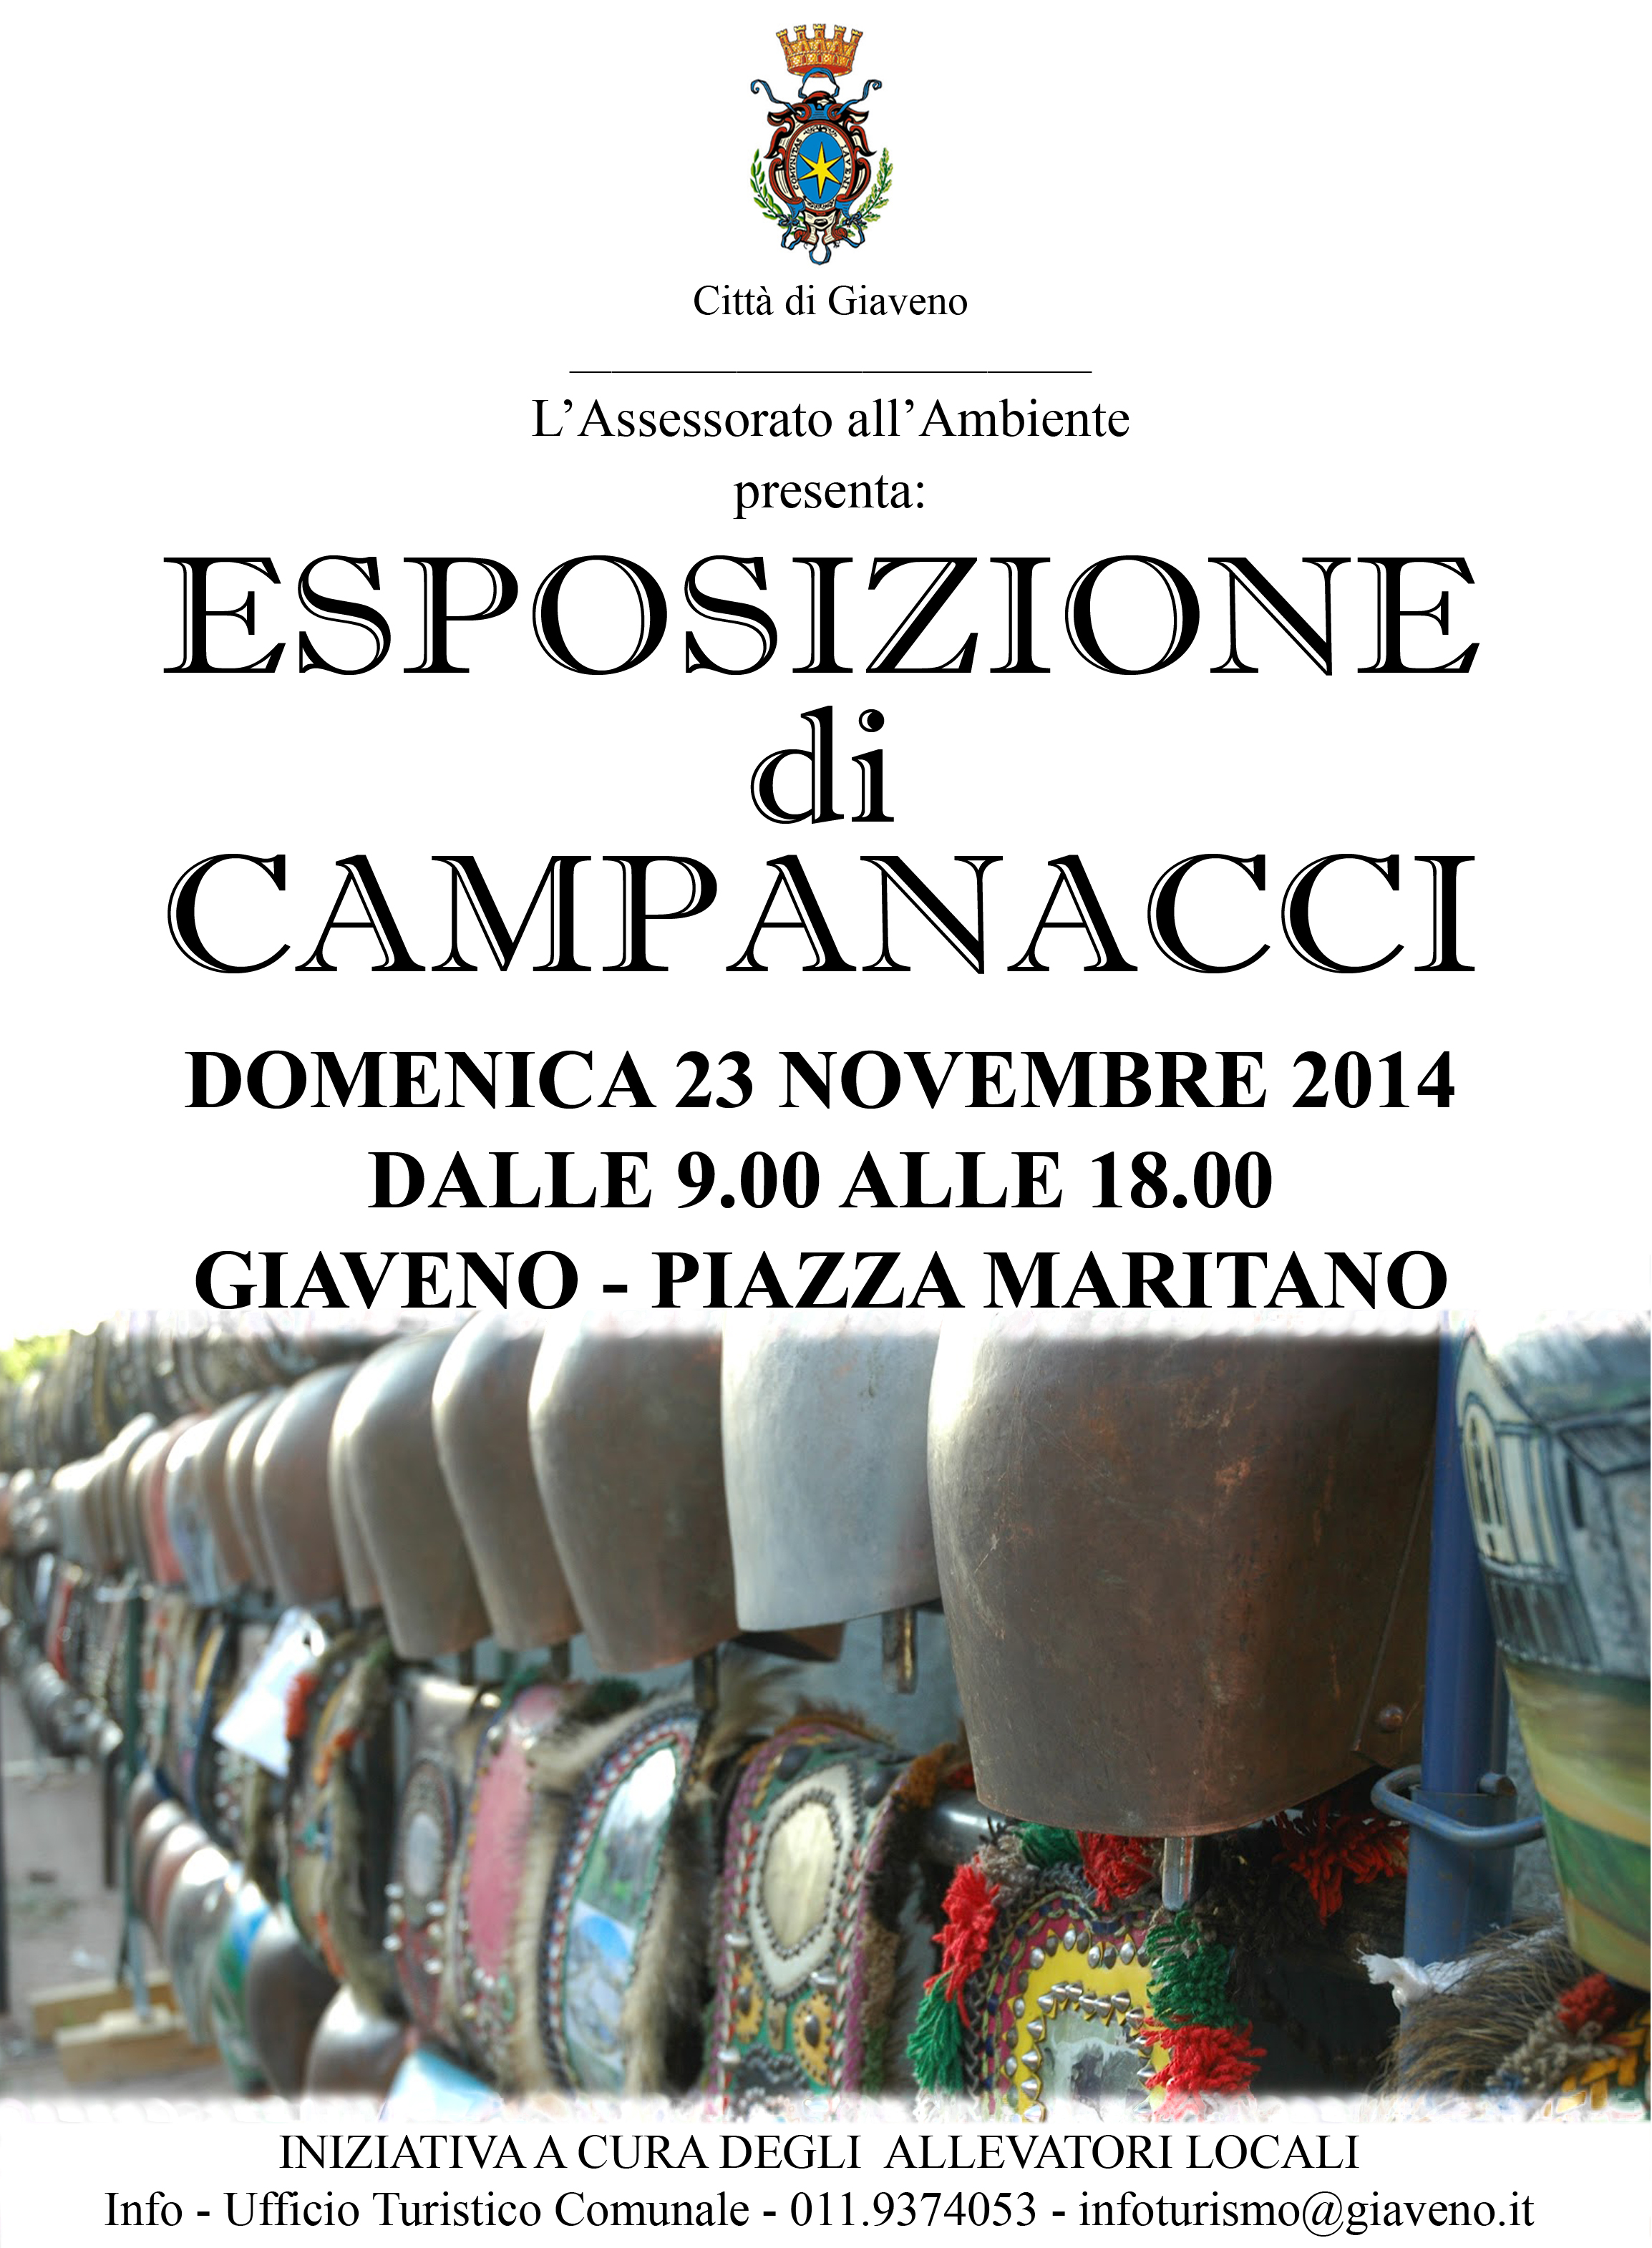 Esposizione di Campanacci – domenica 23 novembre 2014